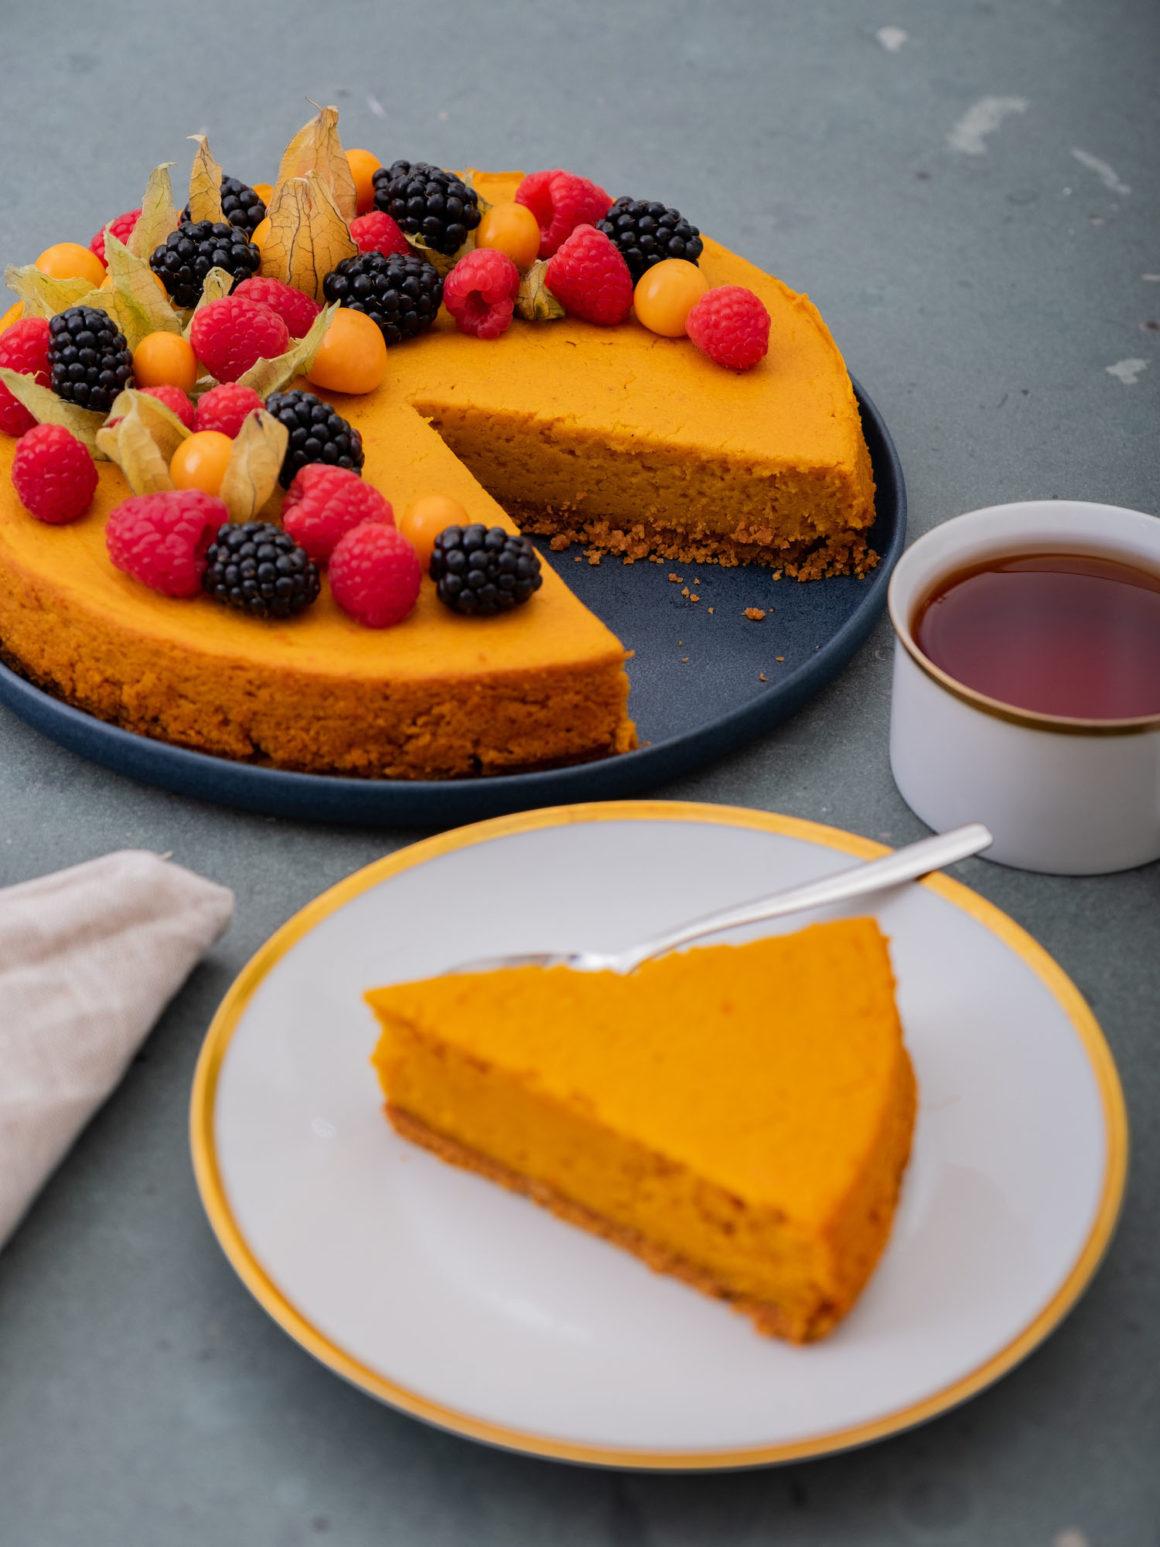 Himbeer Keks Kuchen Apfel Himbeer Streusel Kasekuchen